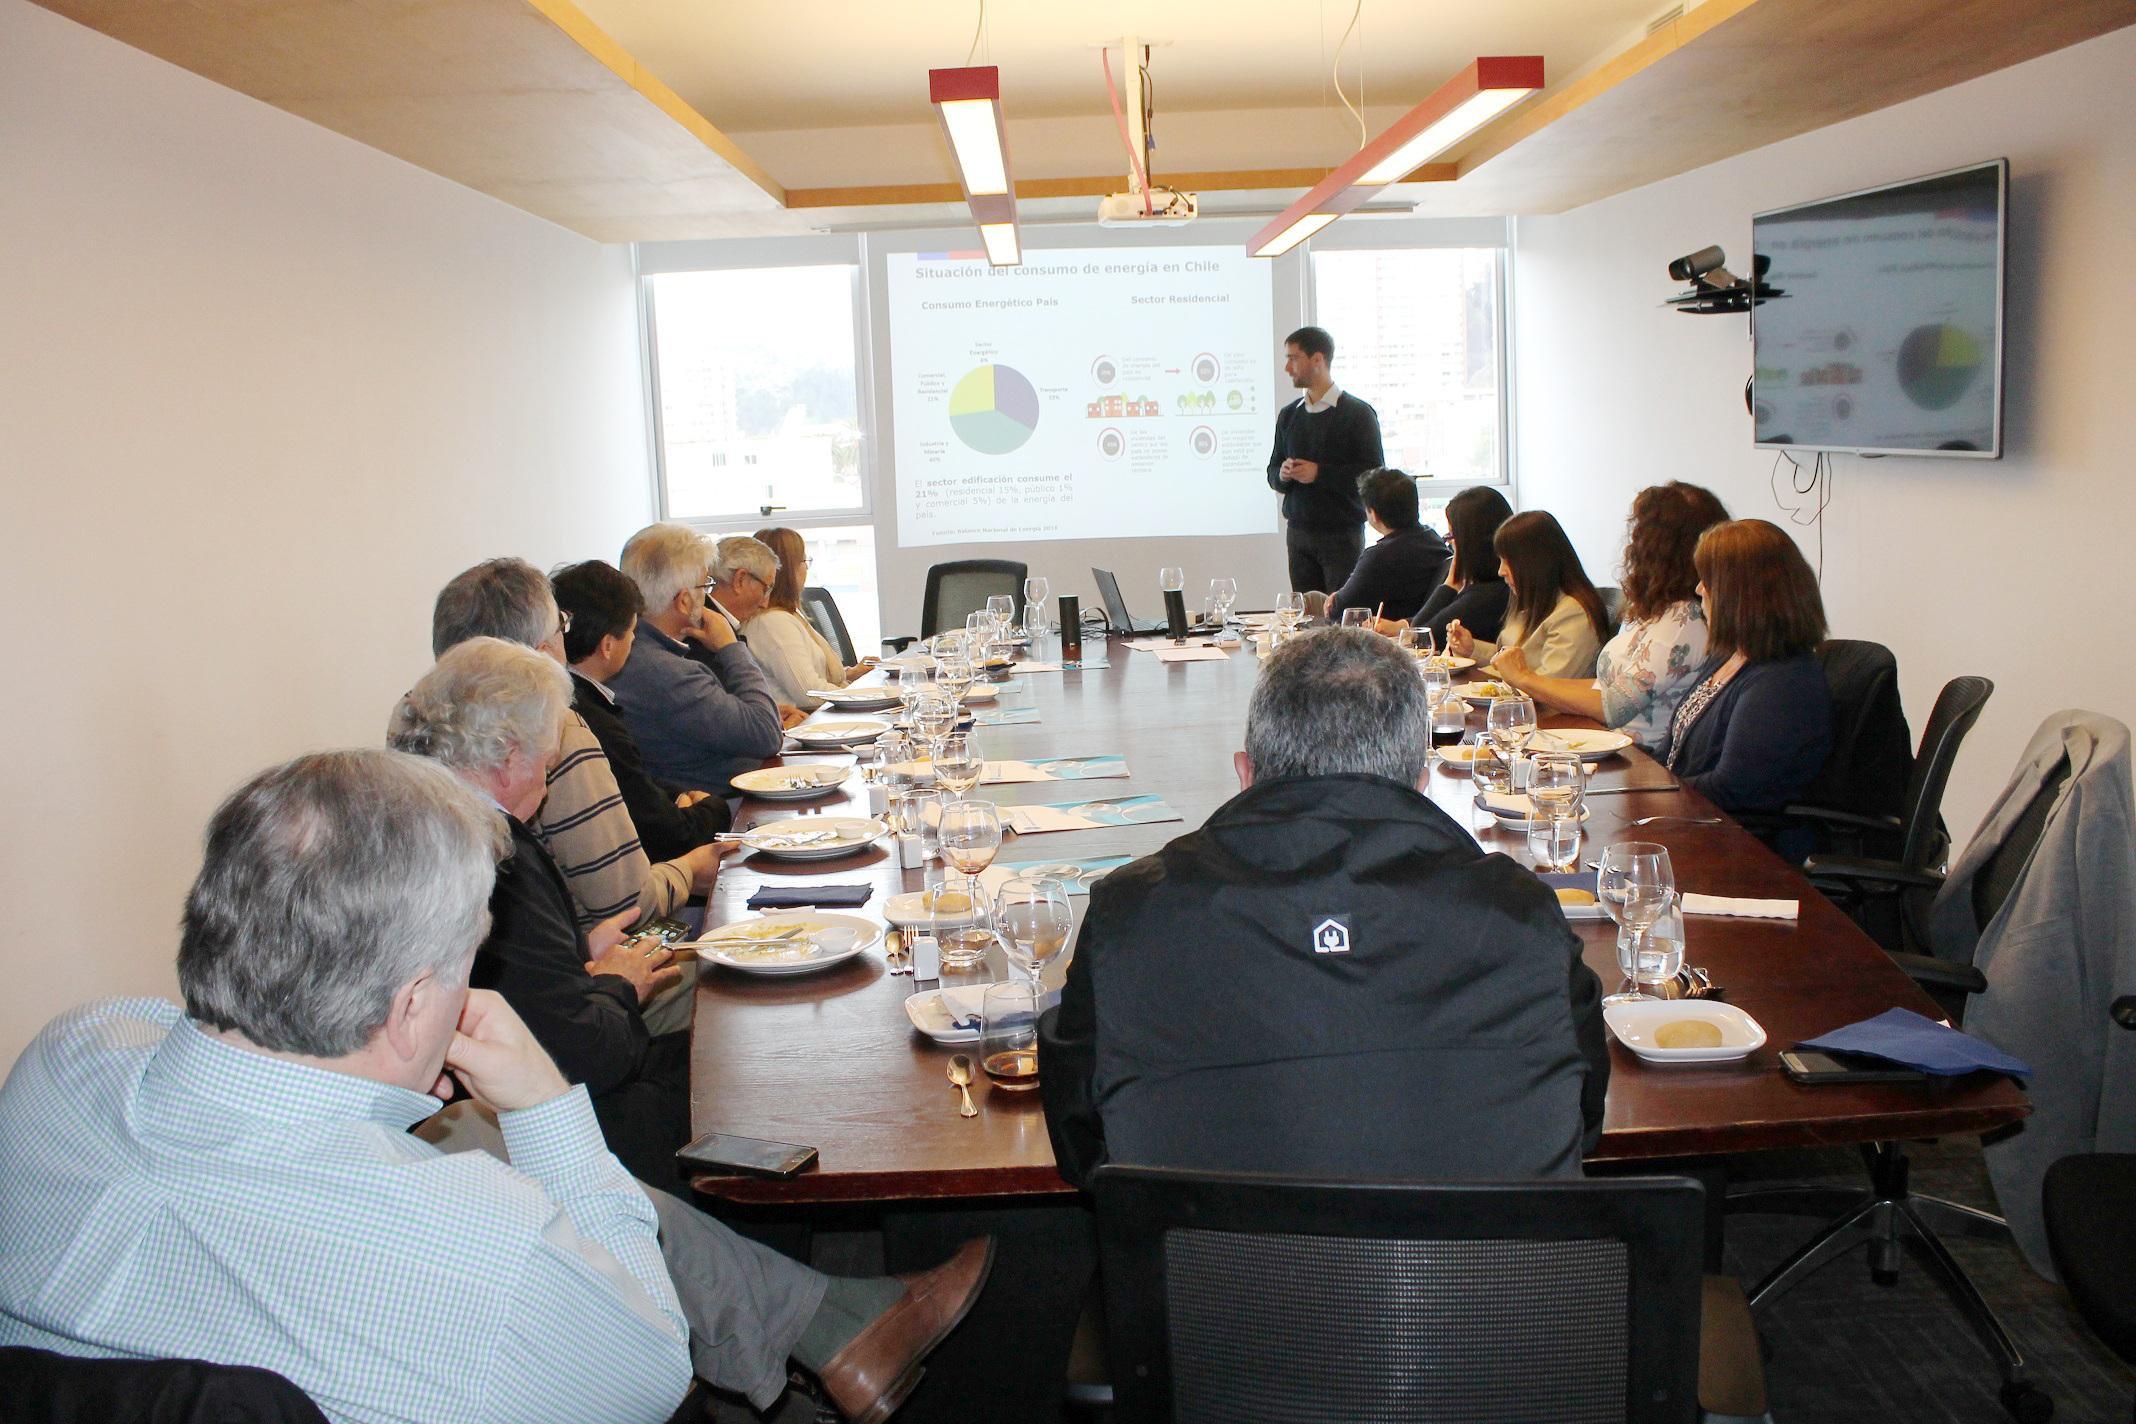 Ministerio Energía presentó Ruta Energética y construcción sustentable a socios de CChC Valparaíso noticias